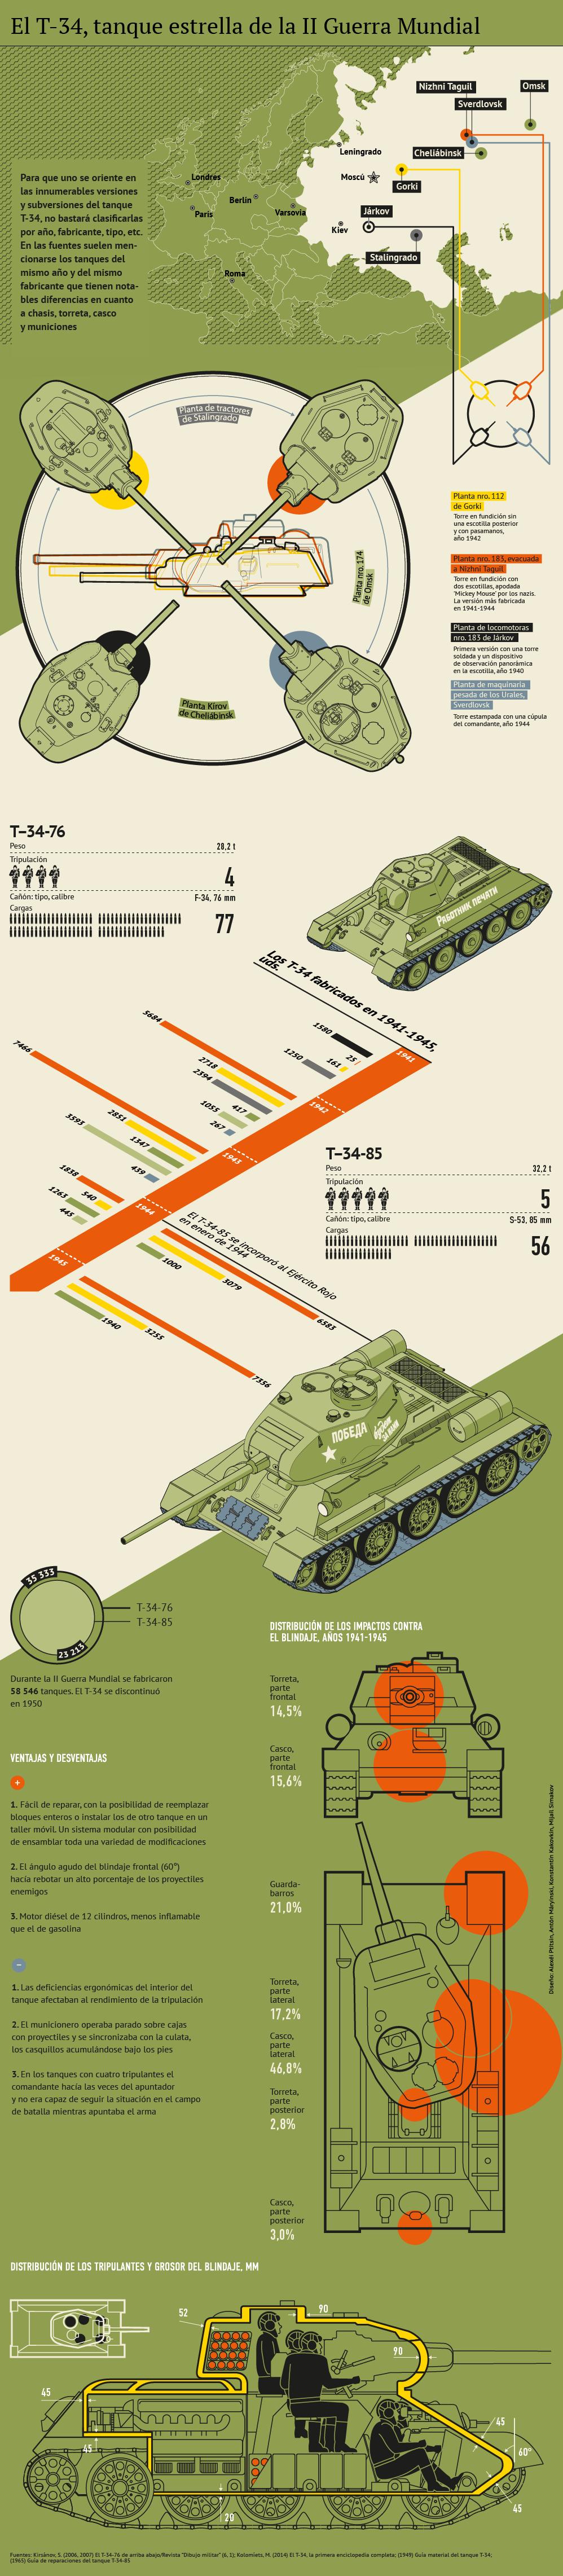 El T-34, tanque estrella de la II Guerra Mundial